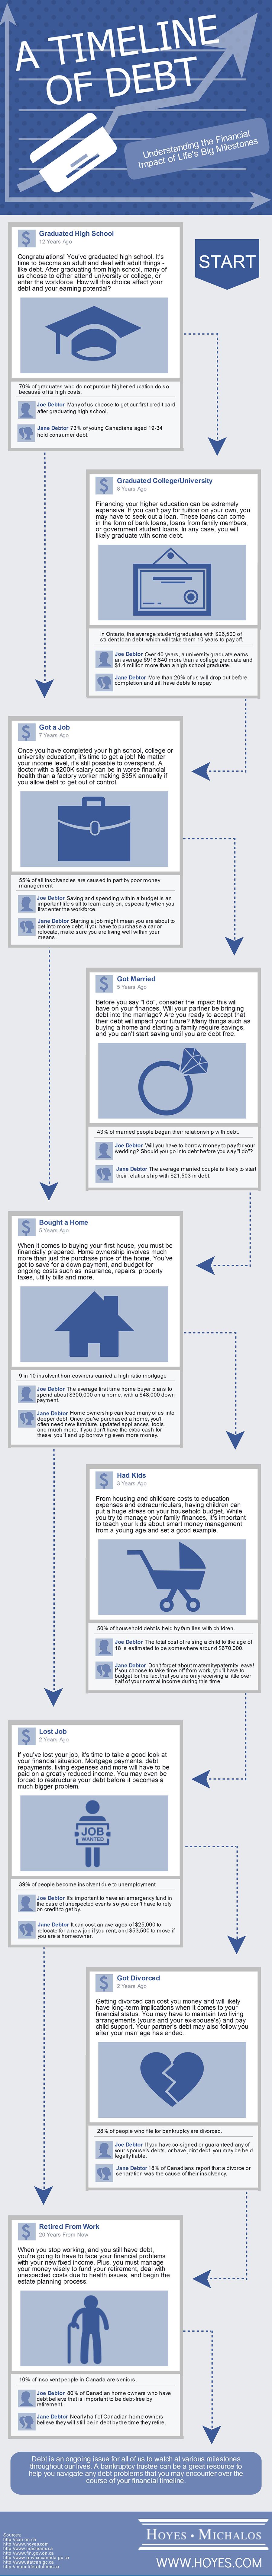 Facebook Debt Timeline